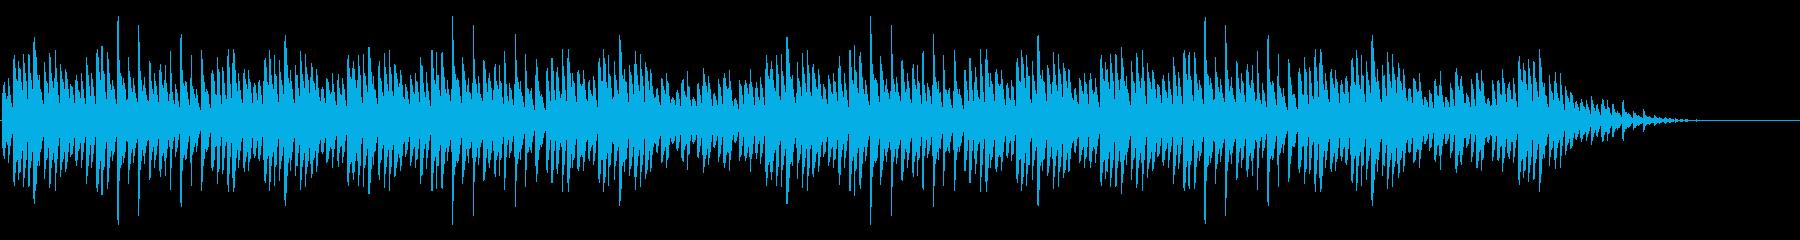 「大きな栗の木下で」シンプルなピアノソロの再生済みの波形